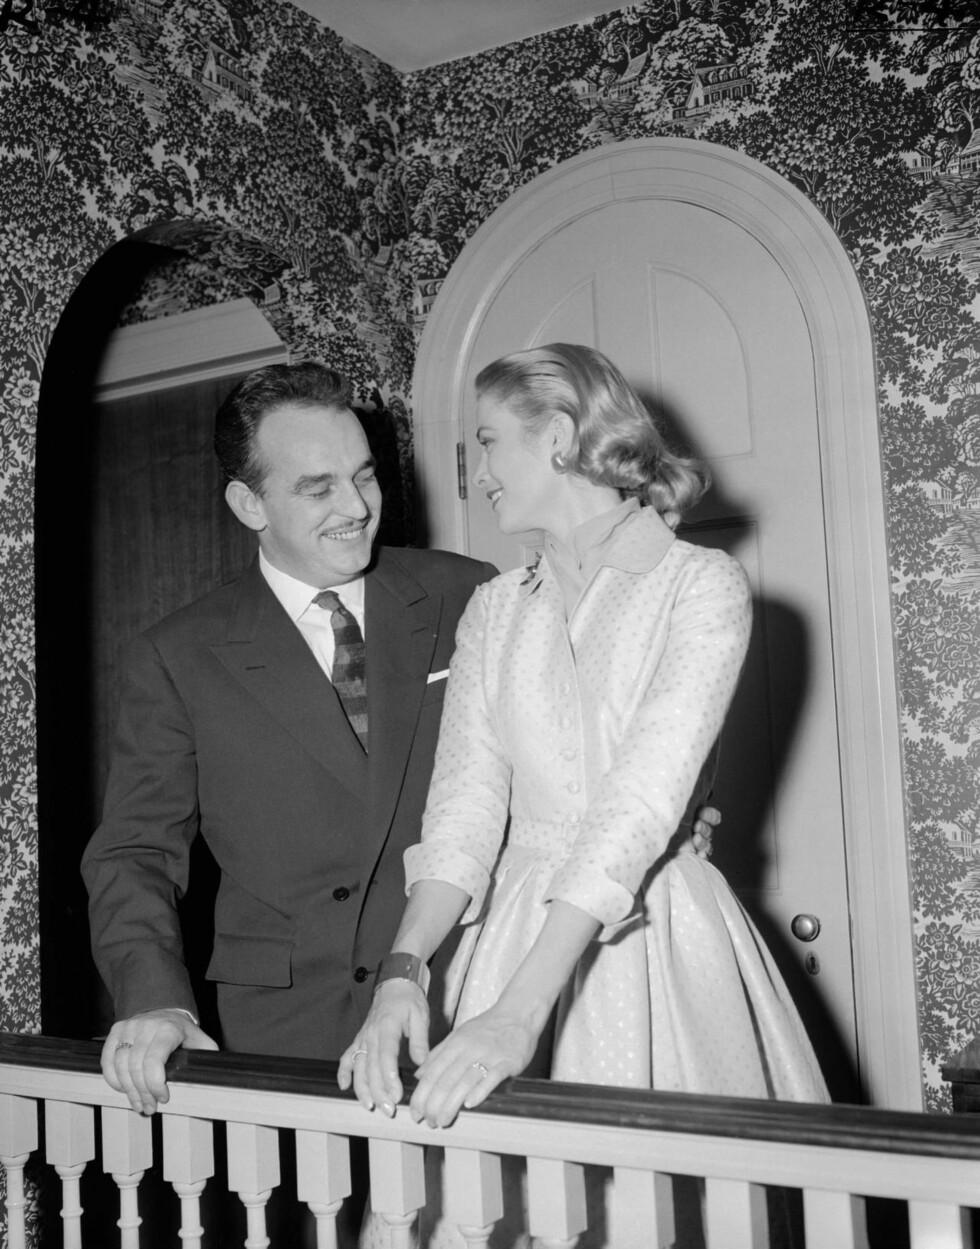 <strong>PÅ USA-VISITT:</strong> Før de giftet seg i Monaco, holdt Rainier og Grace Kelly forlovelsesfest i Kelly-familiens hjem i Pennsylvania. Foto: Stella Pictures